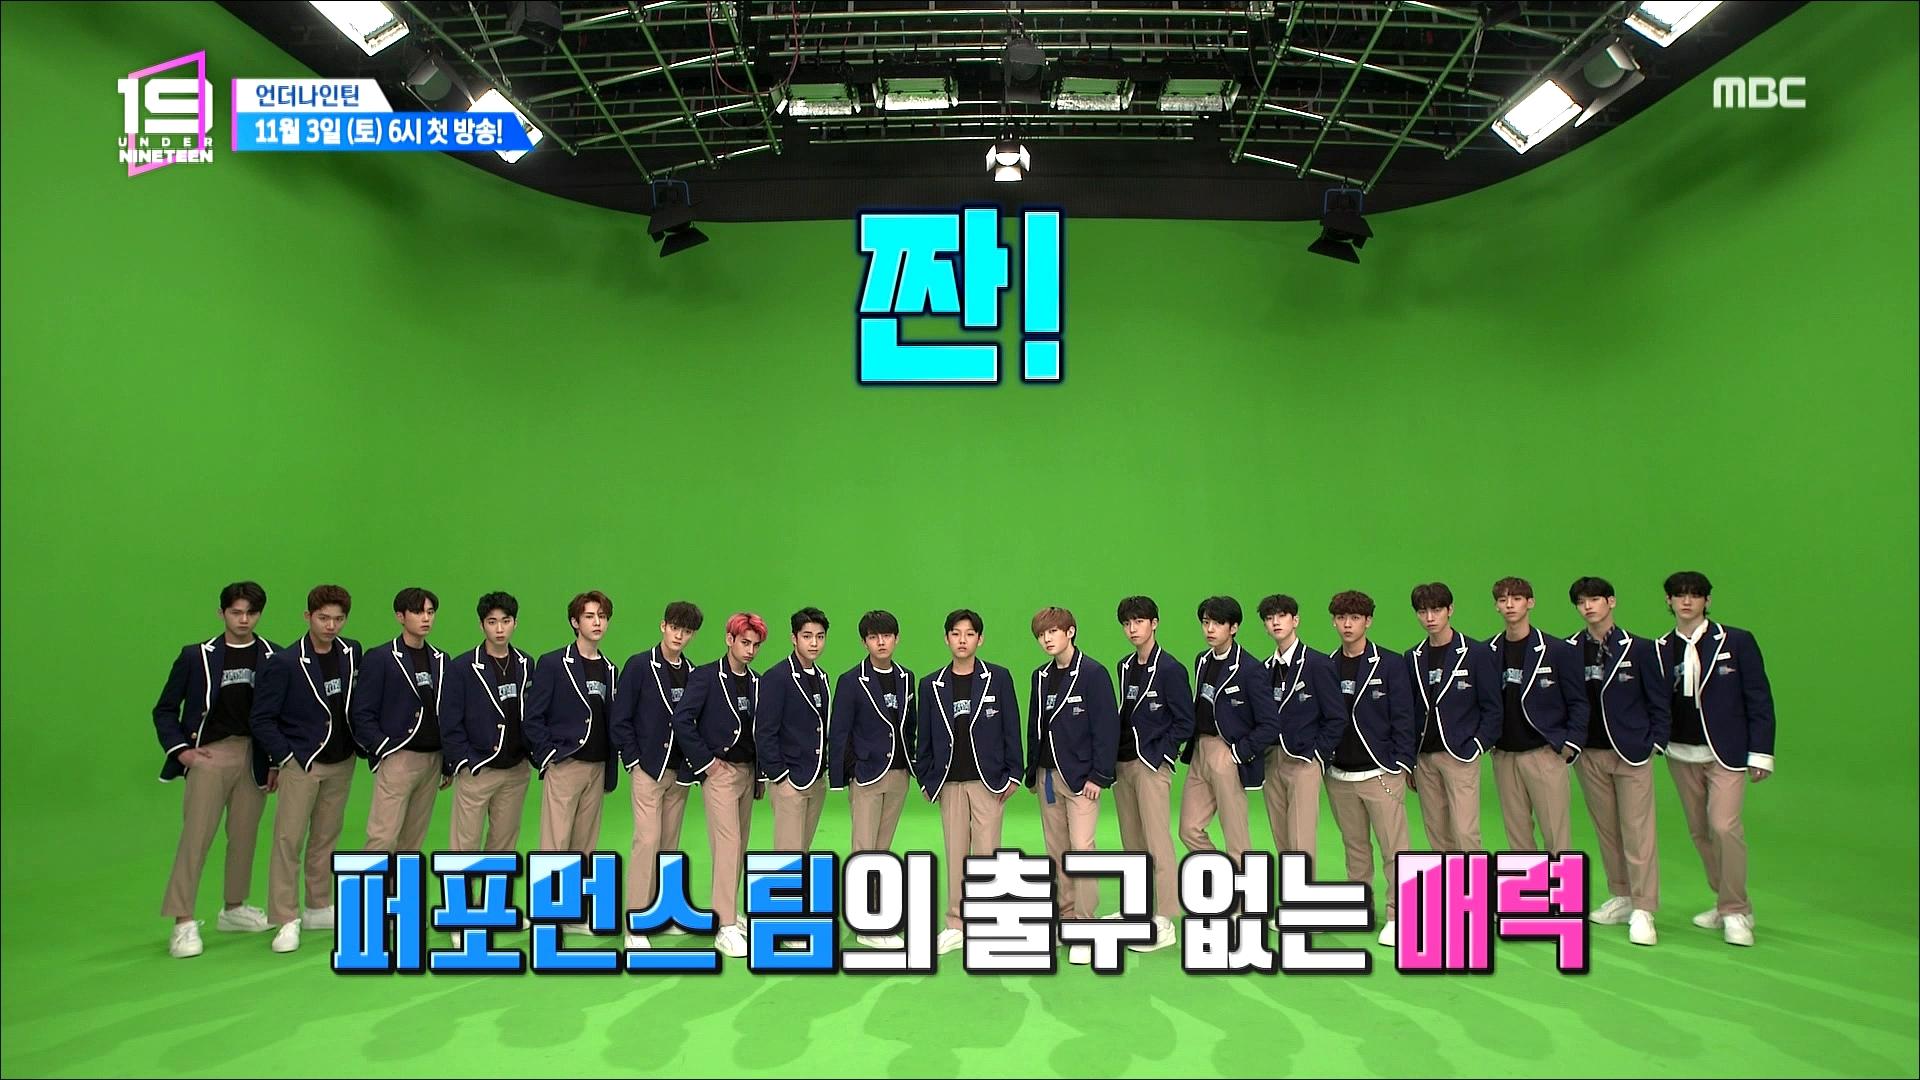 [퍼포먼스팀] 은혁 디렉터 티저와 예비돌의 포스터 촬영 비하인드